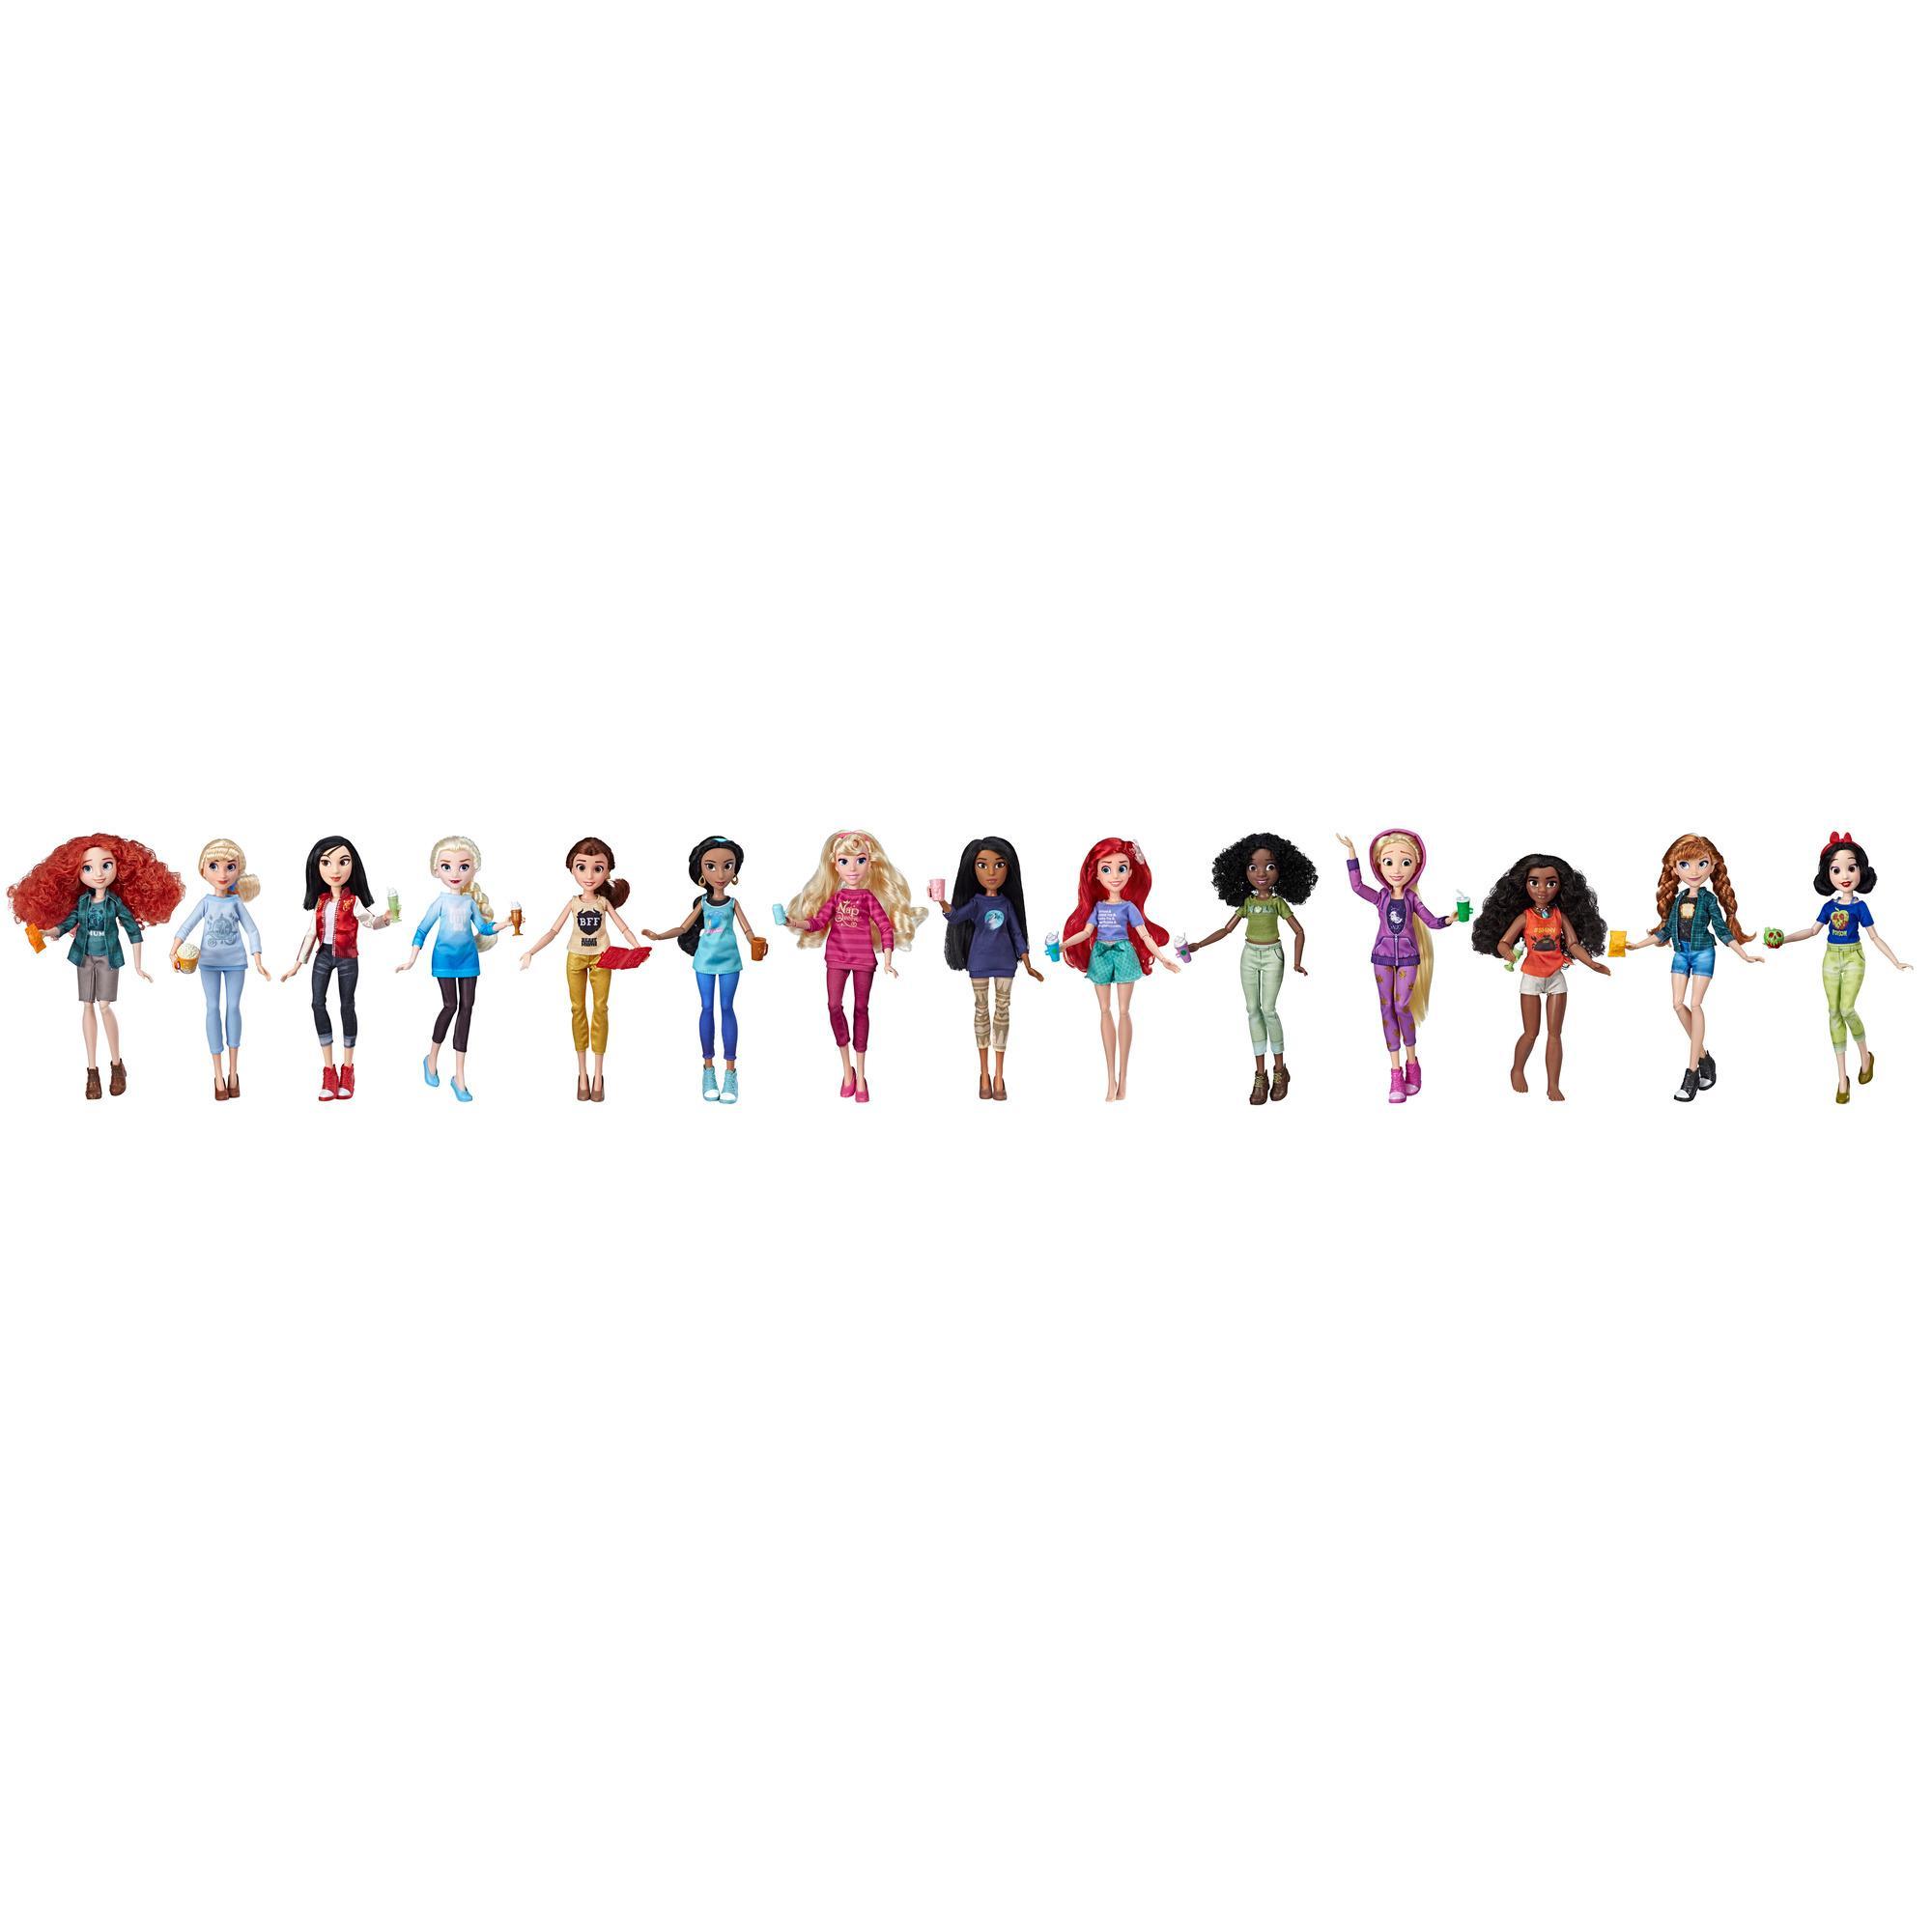 Disney Princess - Ensemble de 14 poupées en tenues décontractées et accessoires inspirés du film Ralph brise l'Internet